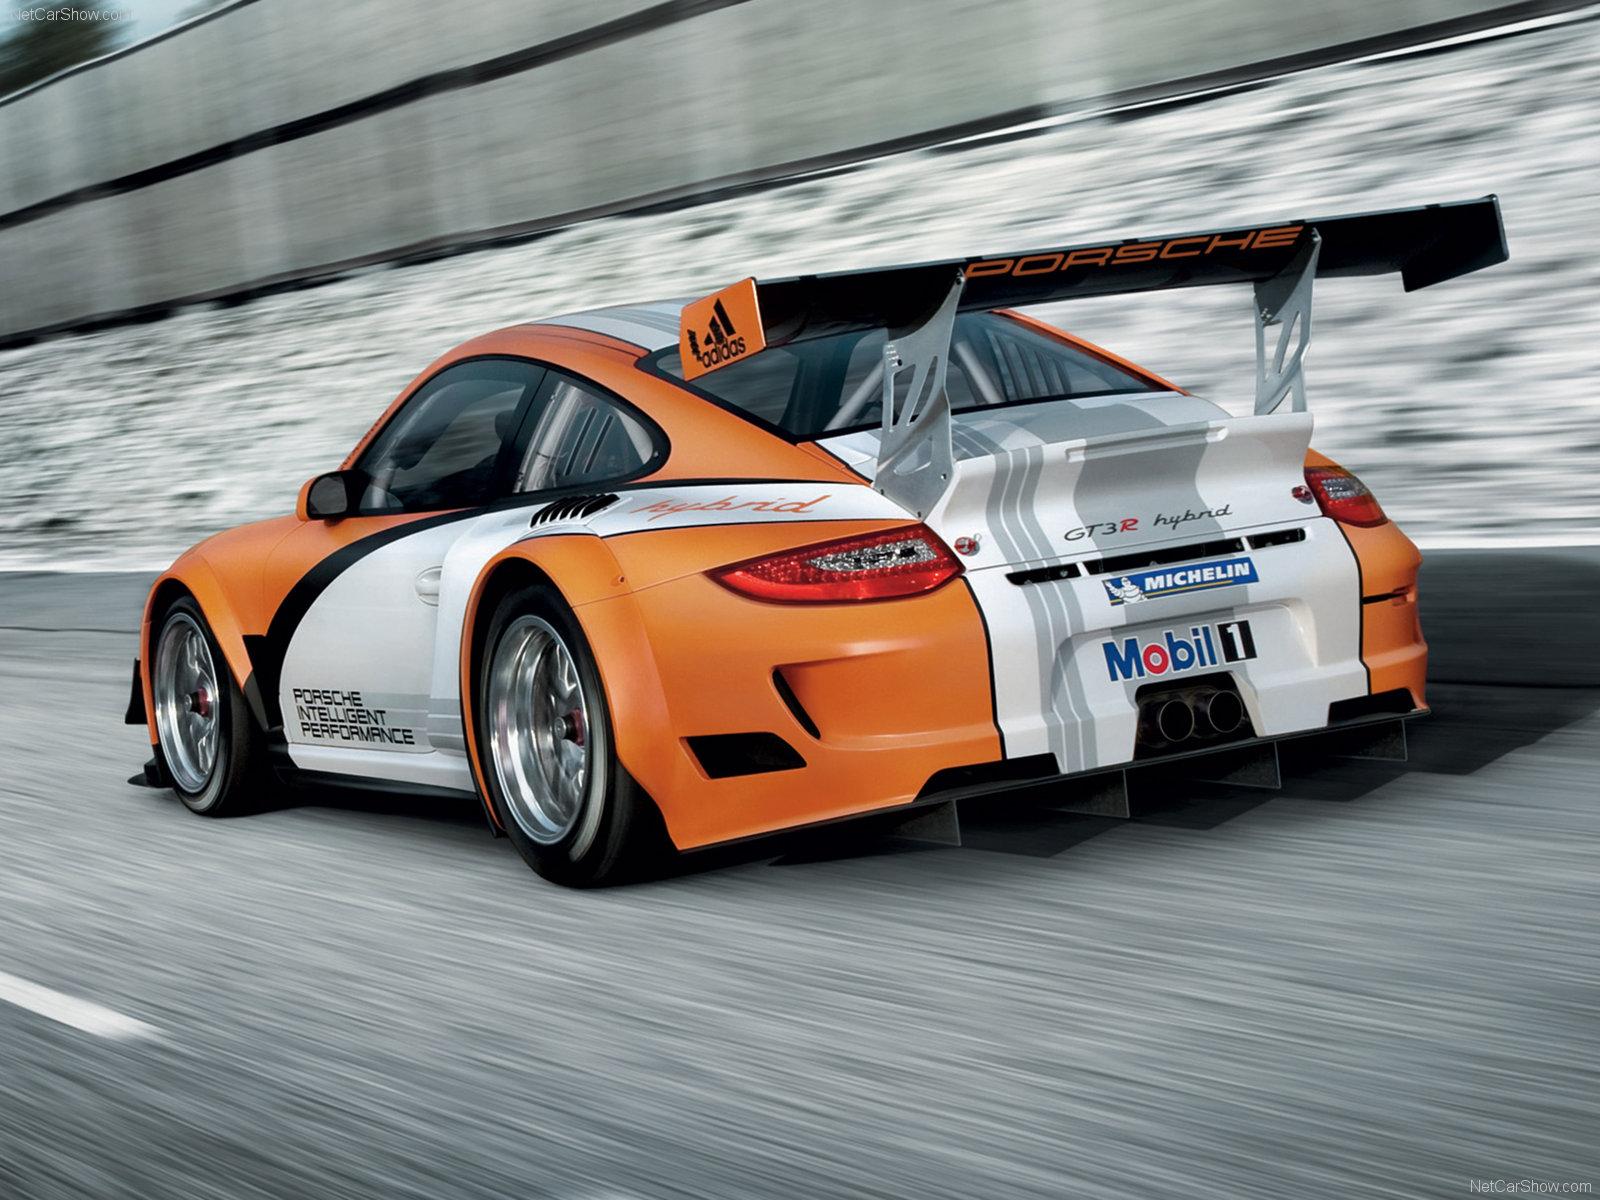 2011 Orange Porsche 911 GT3 R Hybrid wallpapers